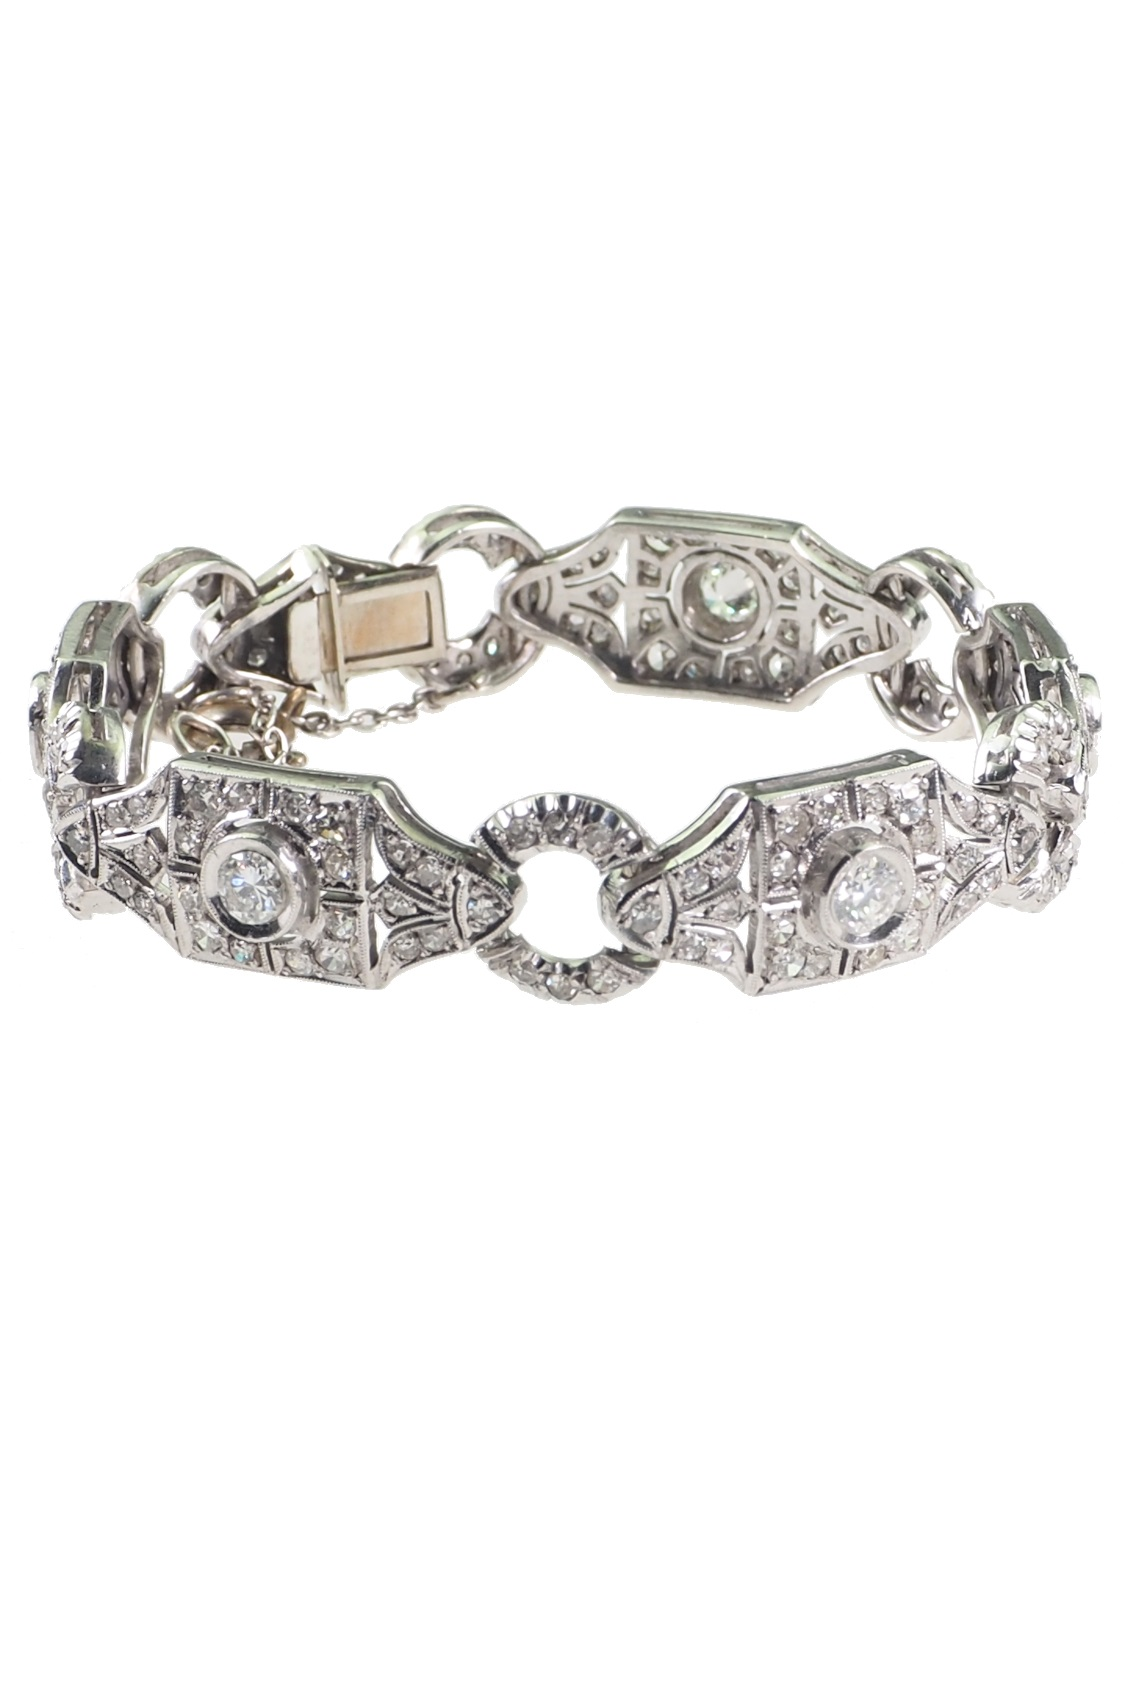 antikes-Diamantarmband-kaufen-2796d